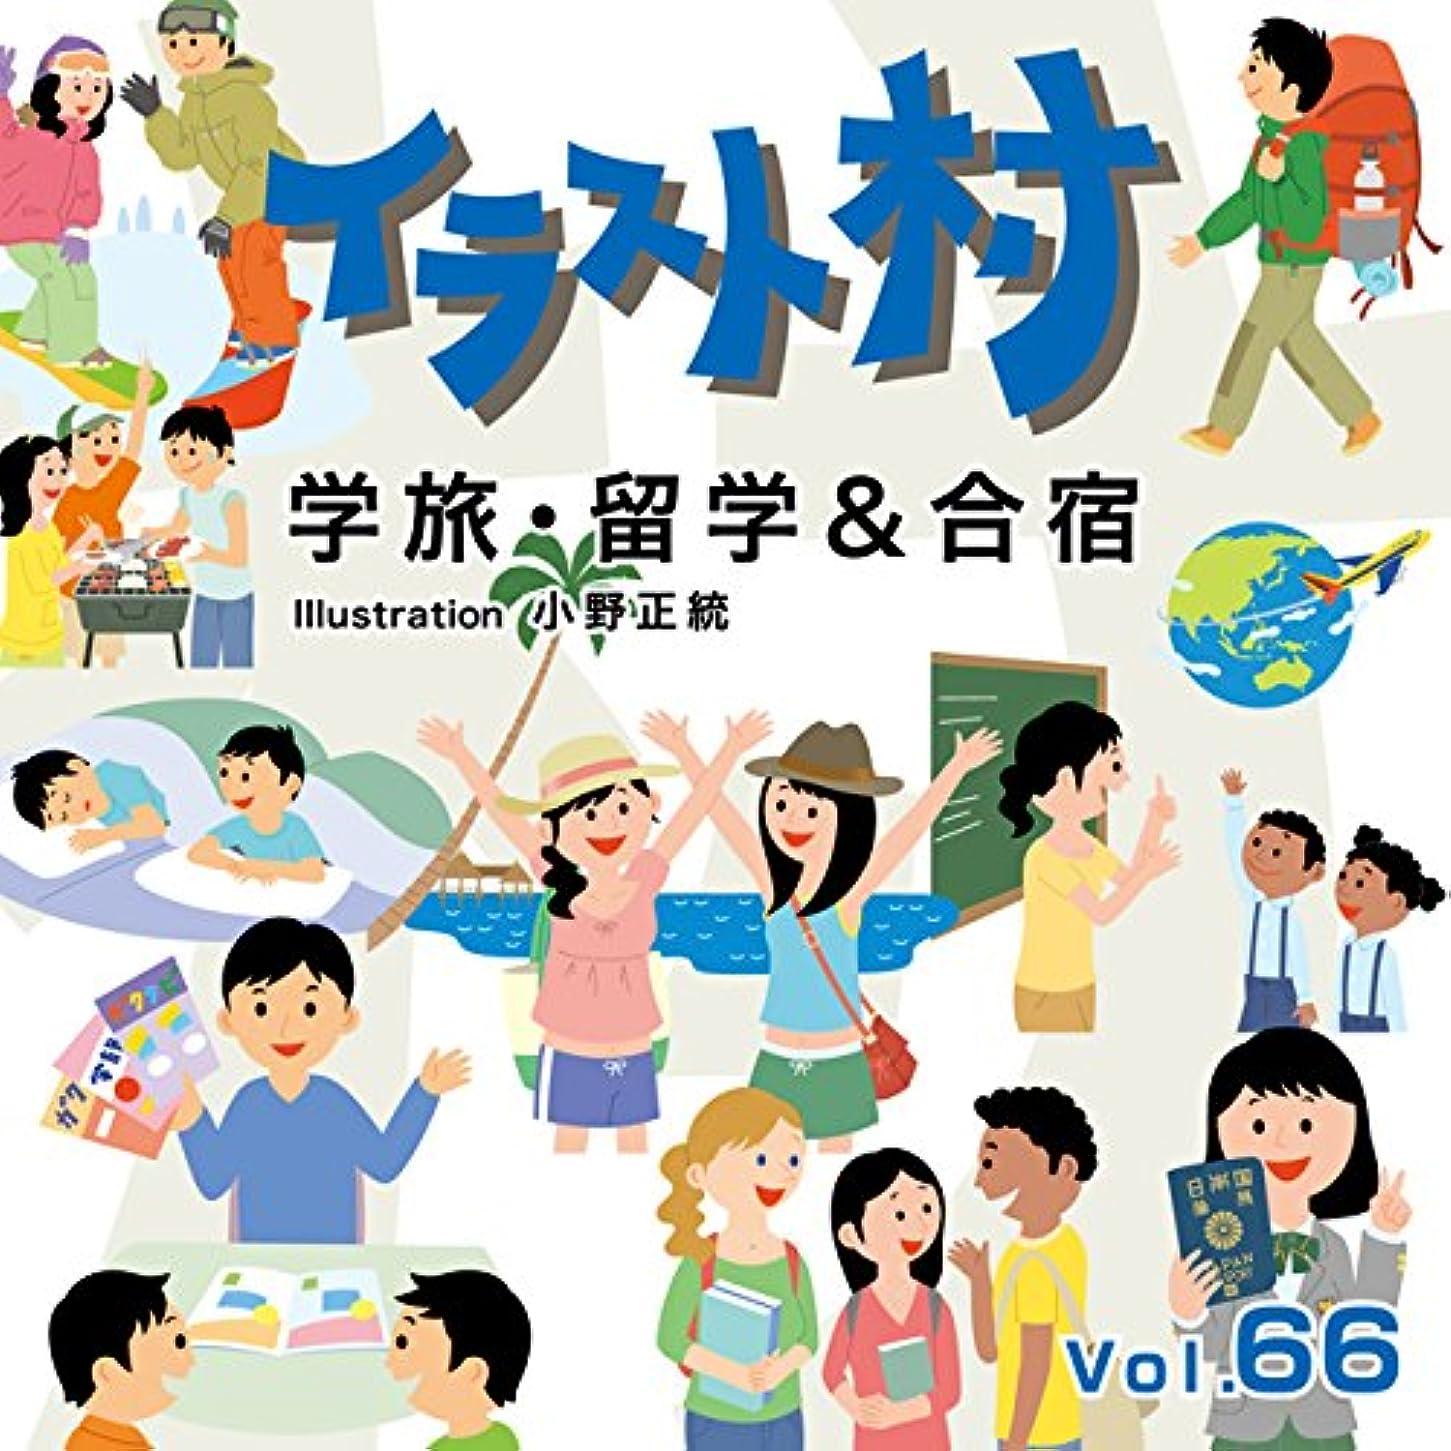 アトム砂利自宅でイラスト村 Vol.66 学旅?留学&合宿